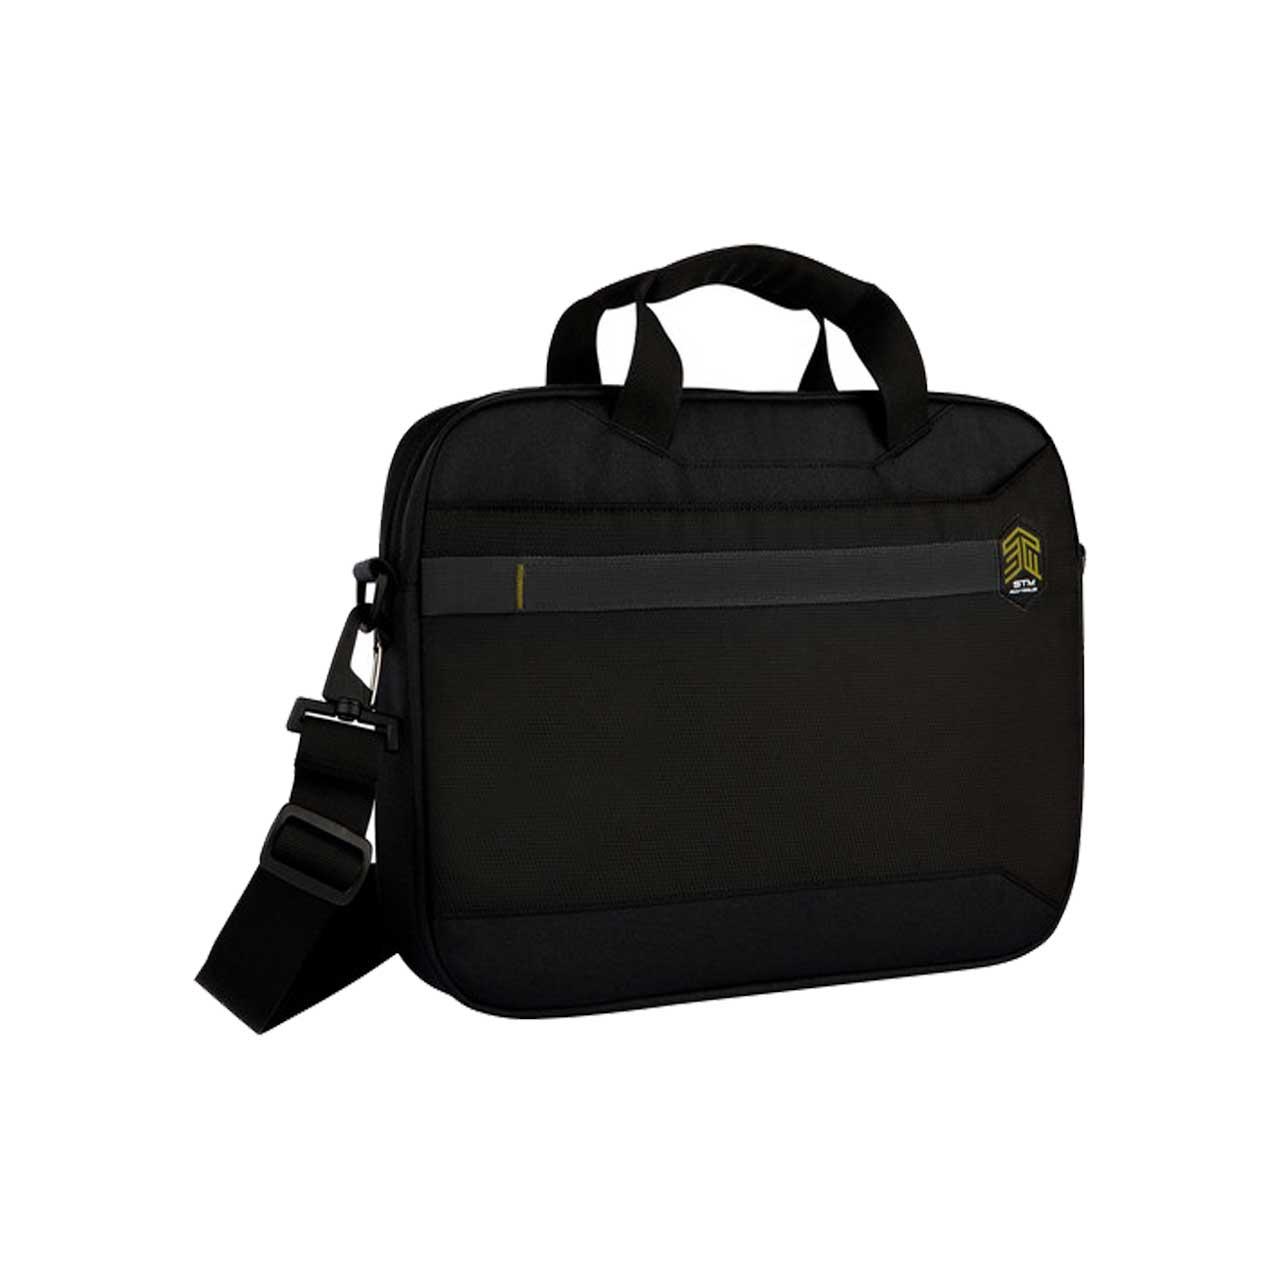 کیف دستی اس تی ام مدل Chapter مناسب برای لپتاپ 13 اینچی